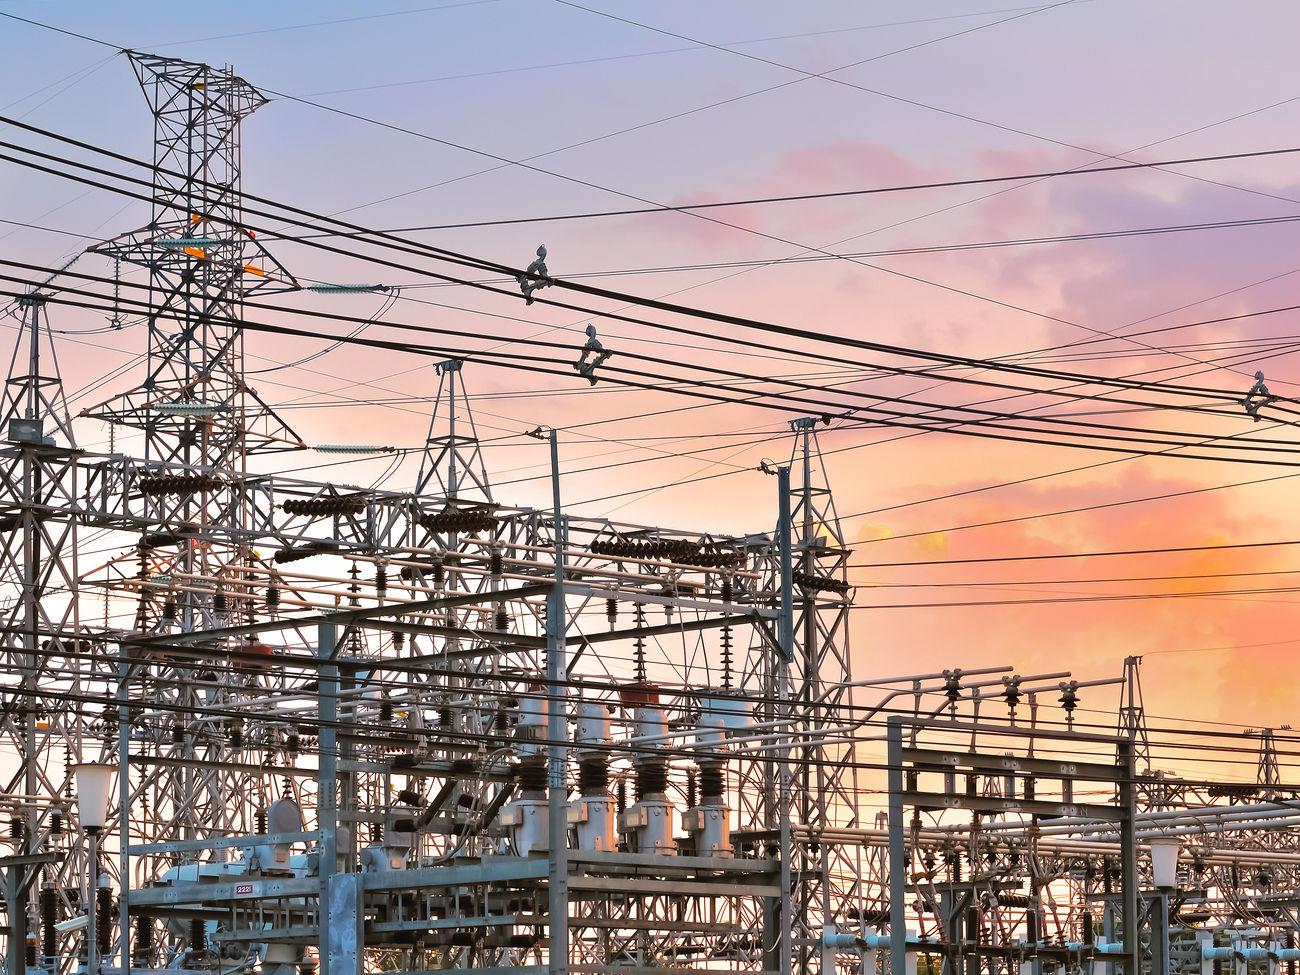 Если тариф на передачу электроэнергии повысят, это негативно скажется на курсе доллара, инфляции и рабочих местах в стране – Каленков